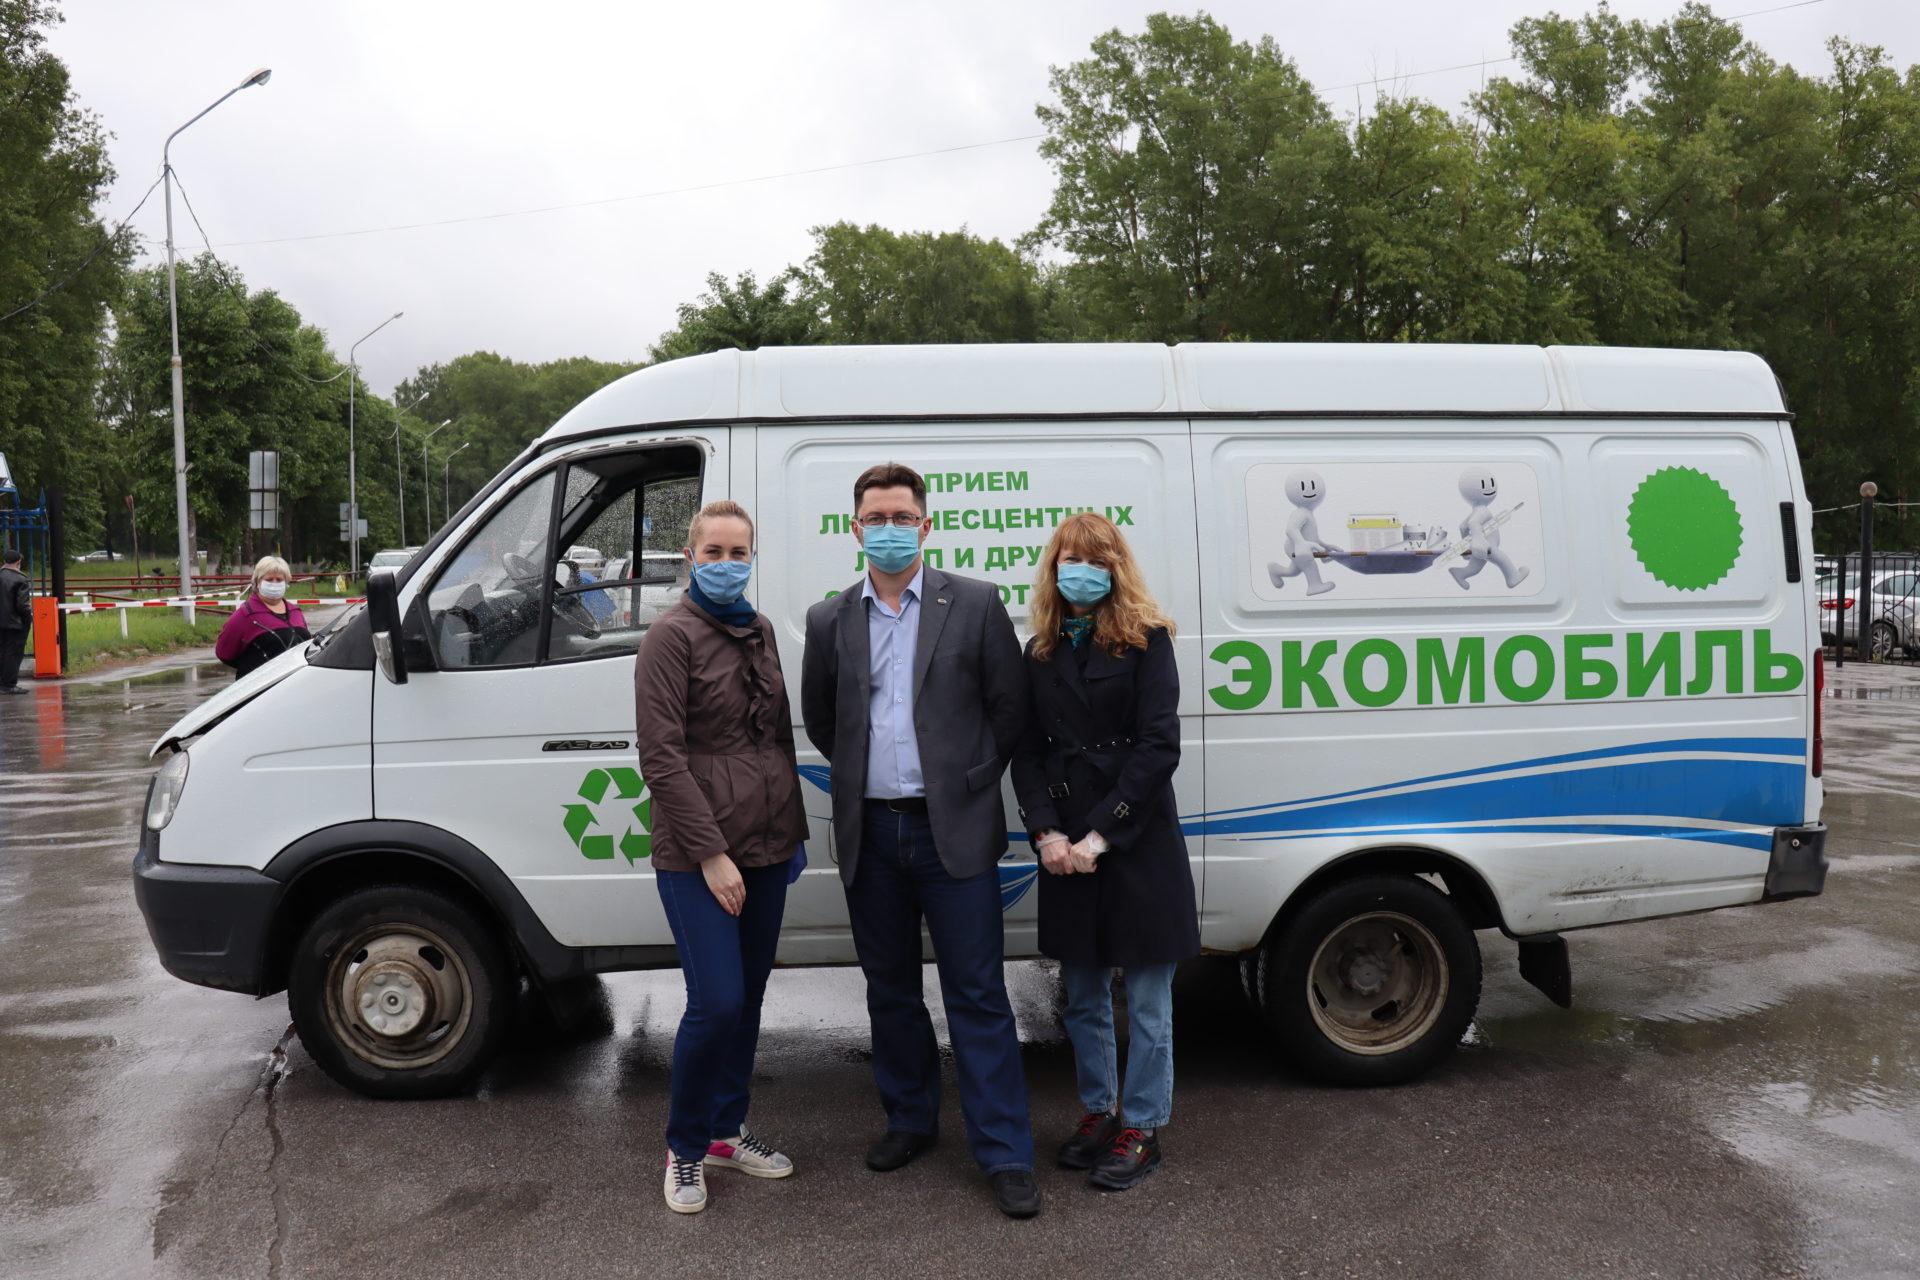 ЭЛСИБ за чистый город: раздельный сбор мусора на заводе